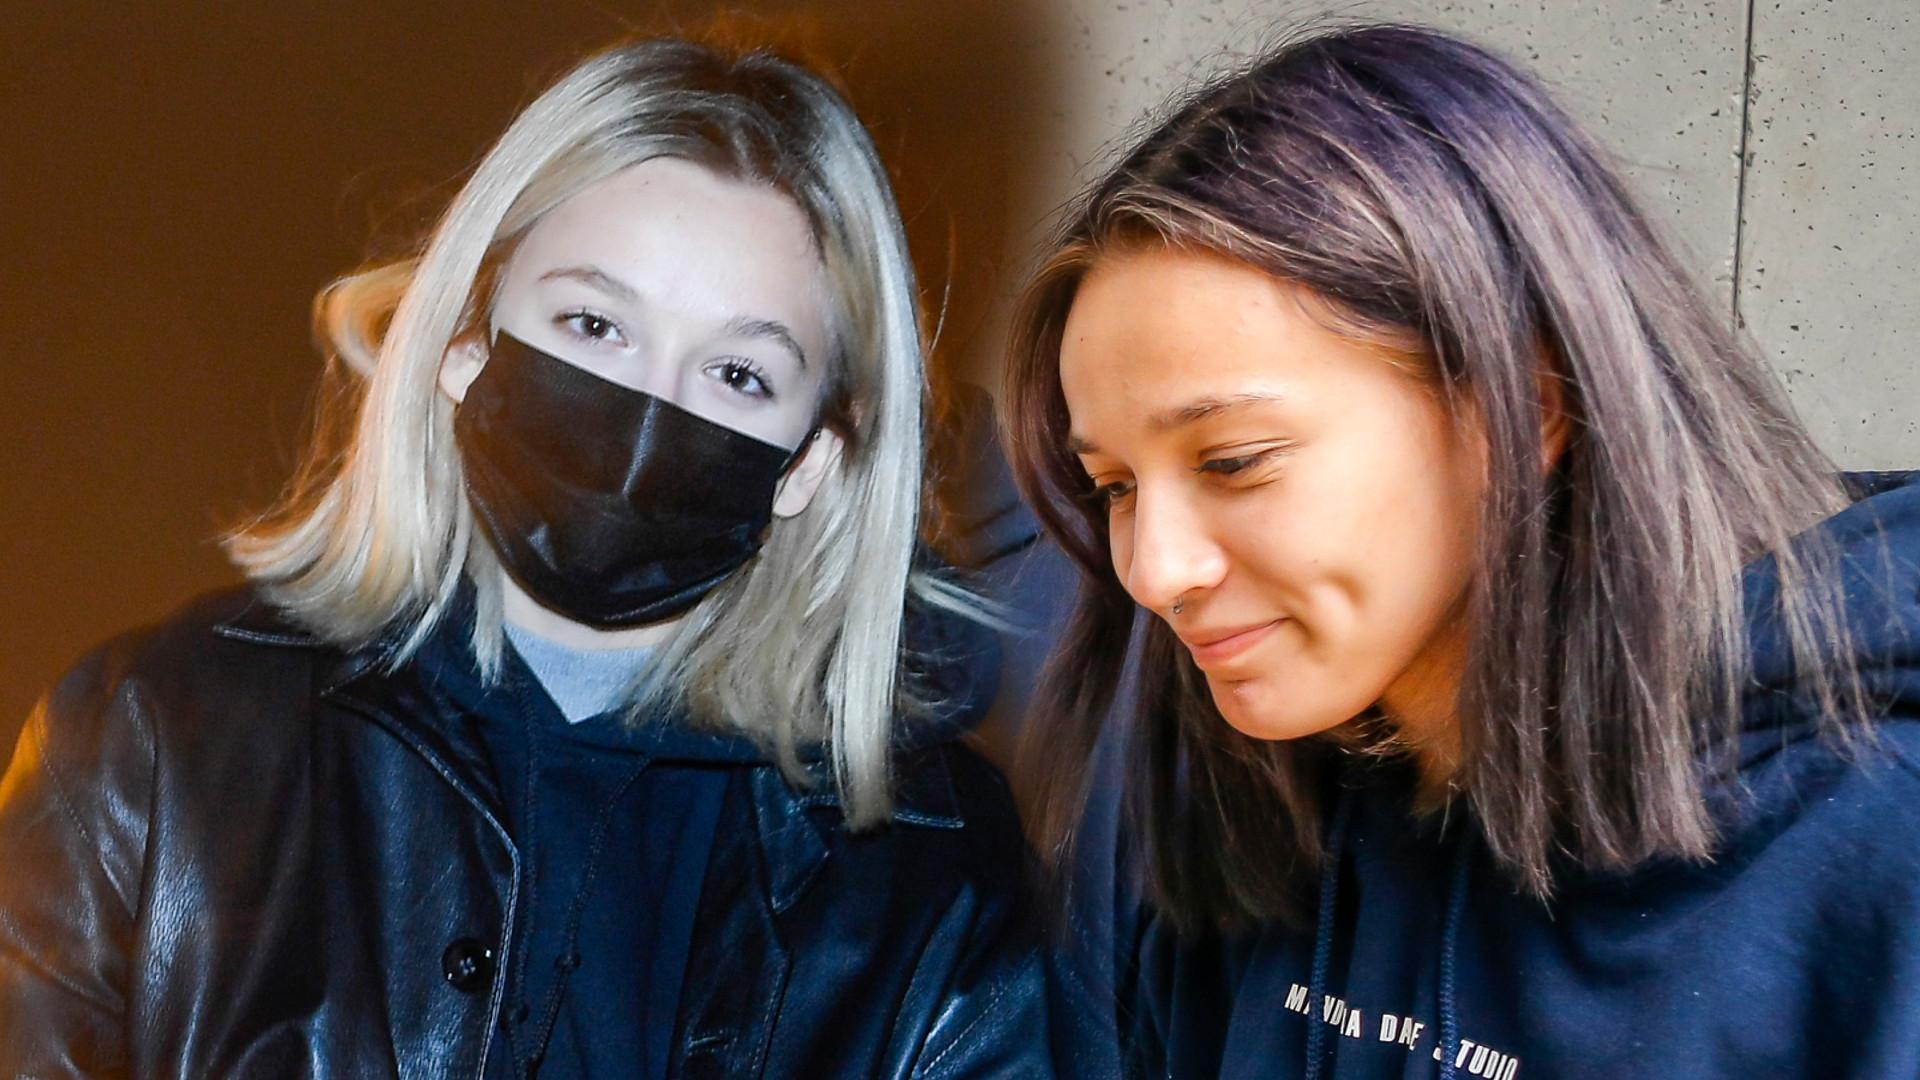 Fabienne Wiśniewska strasznie ZNISZCZYŁA włosy domową koloryzacją. Fryzjer je uratował i pokazał EFEKT